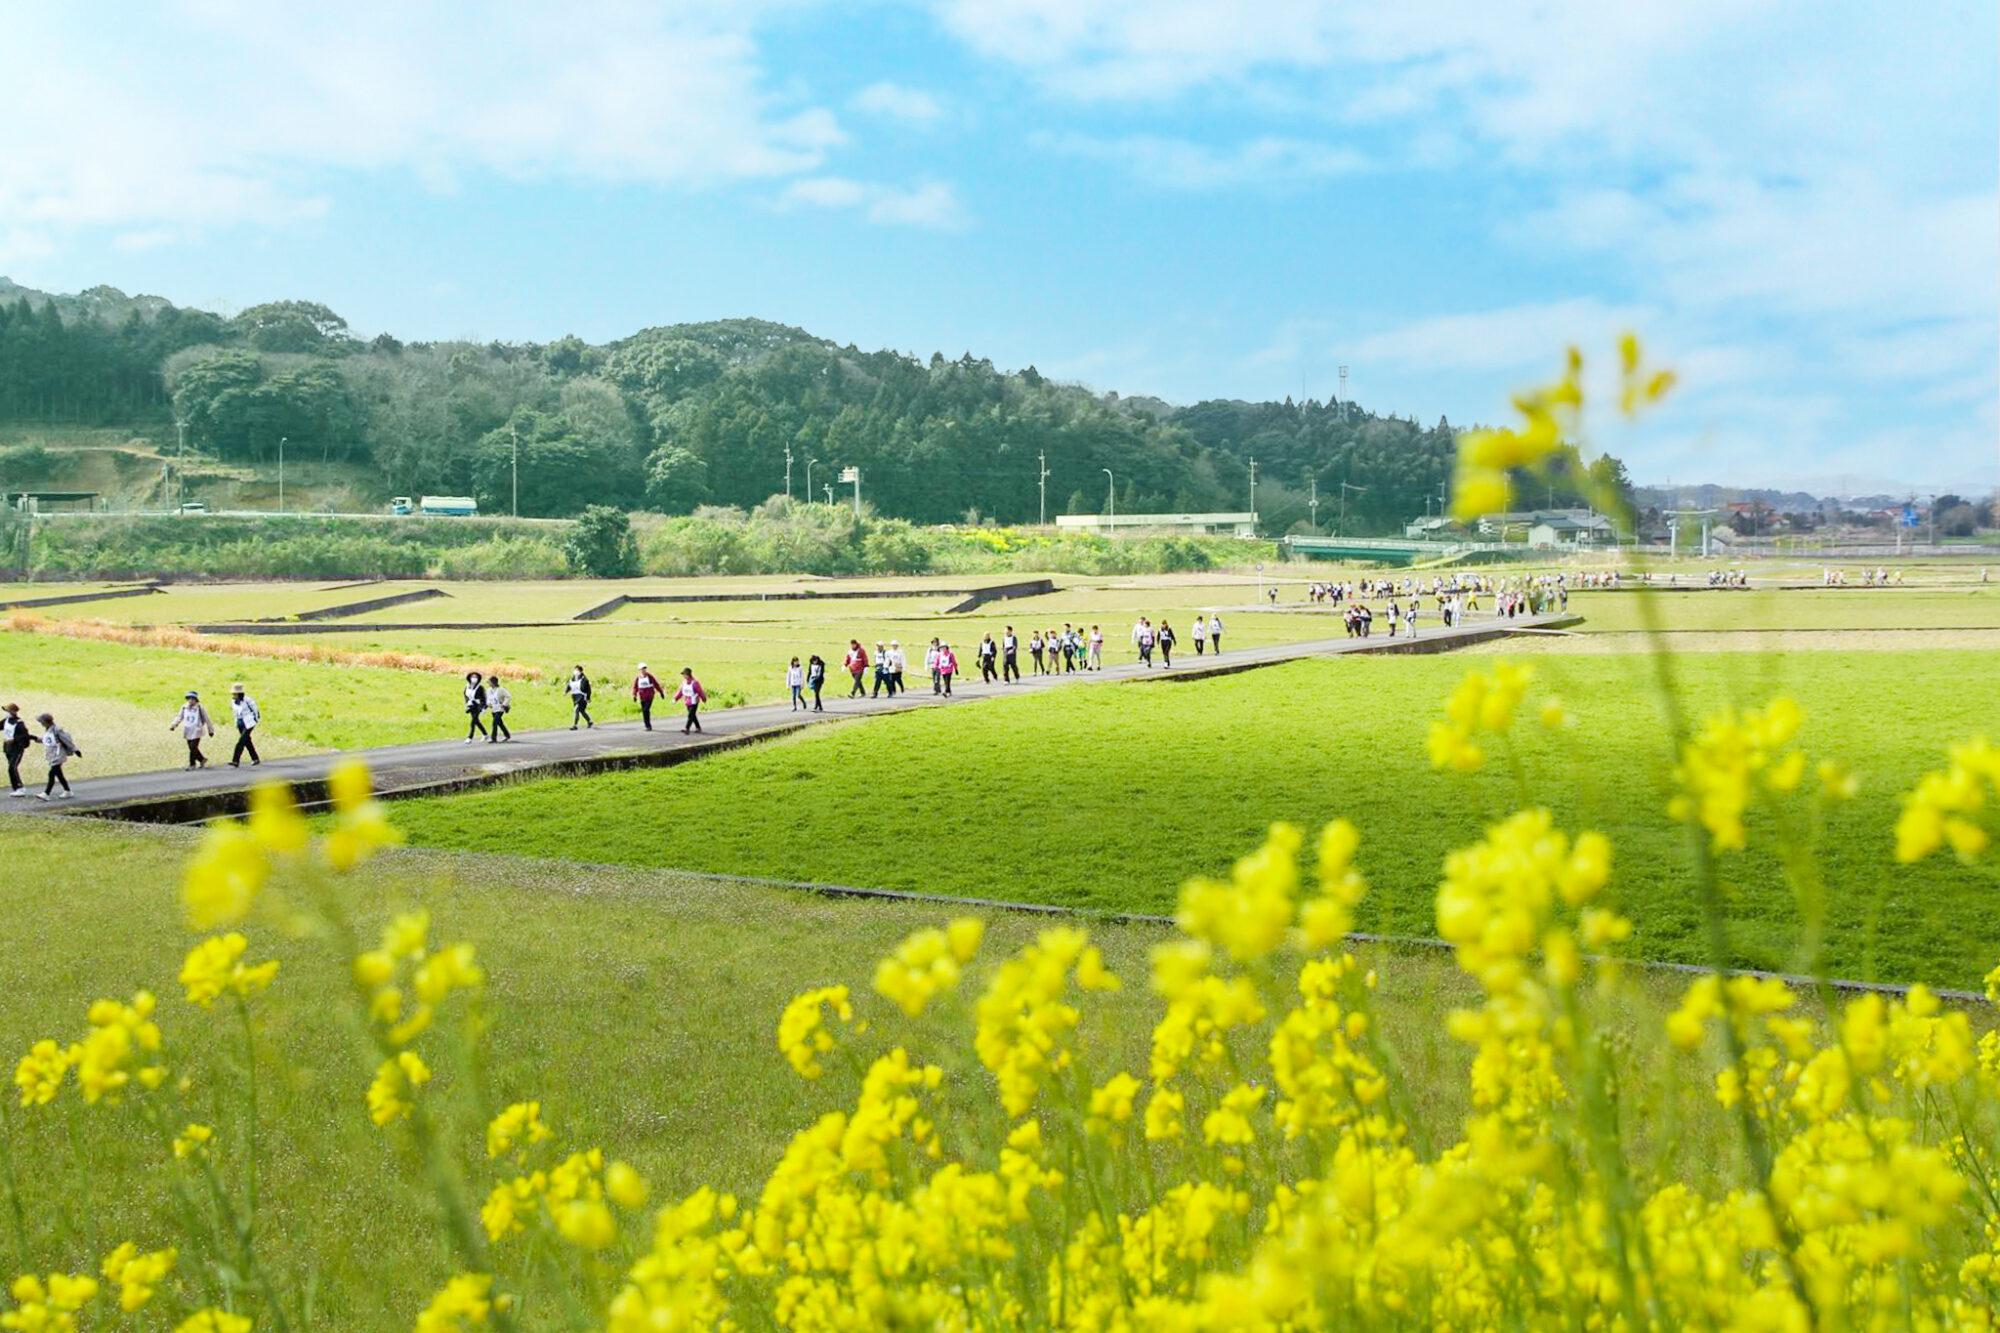 ⾹春町健康づくりウォーキング祭